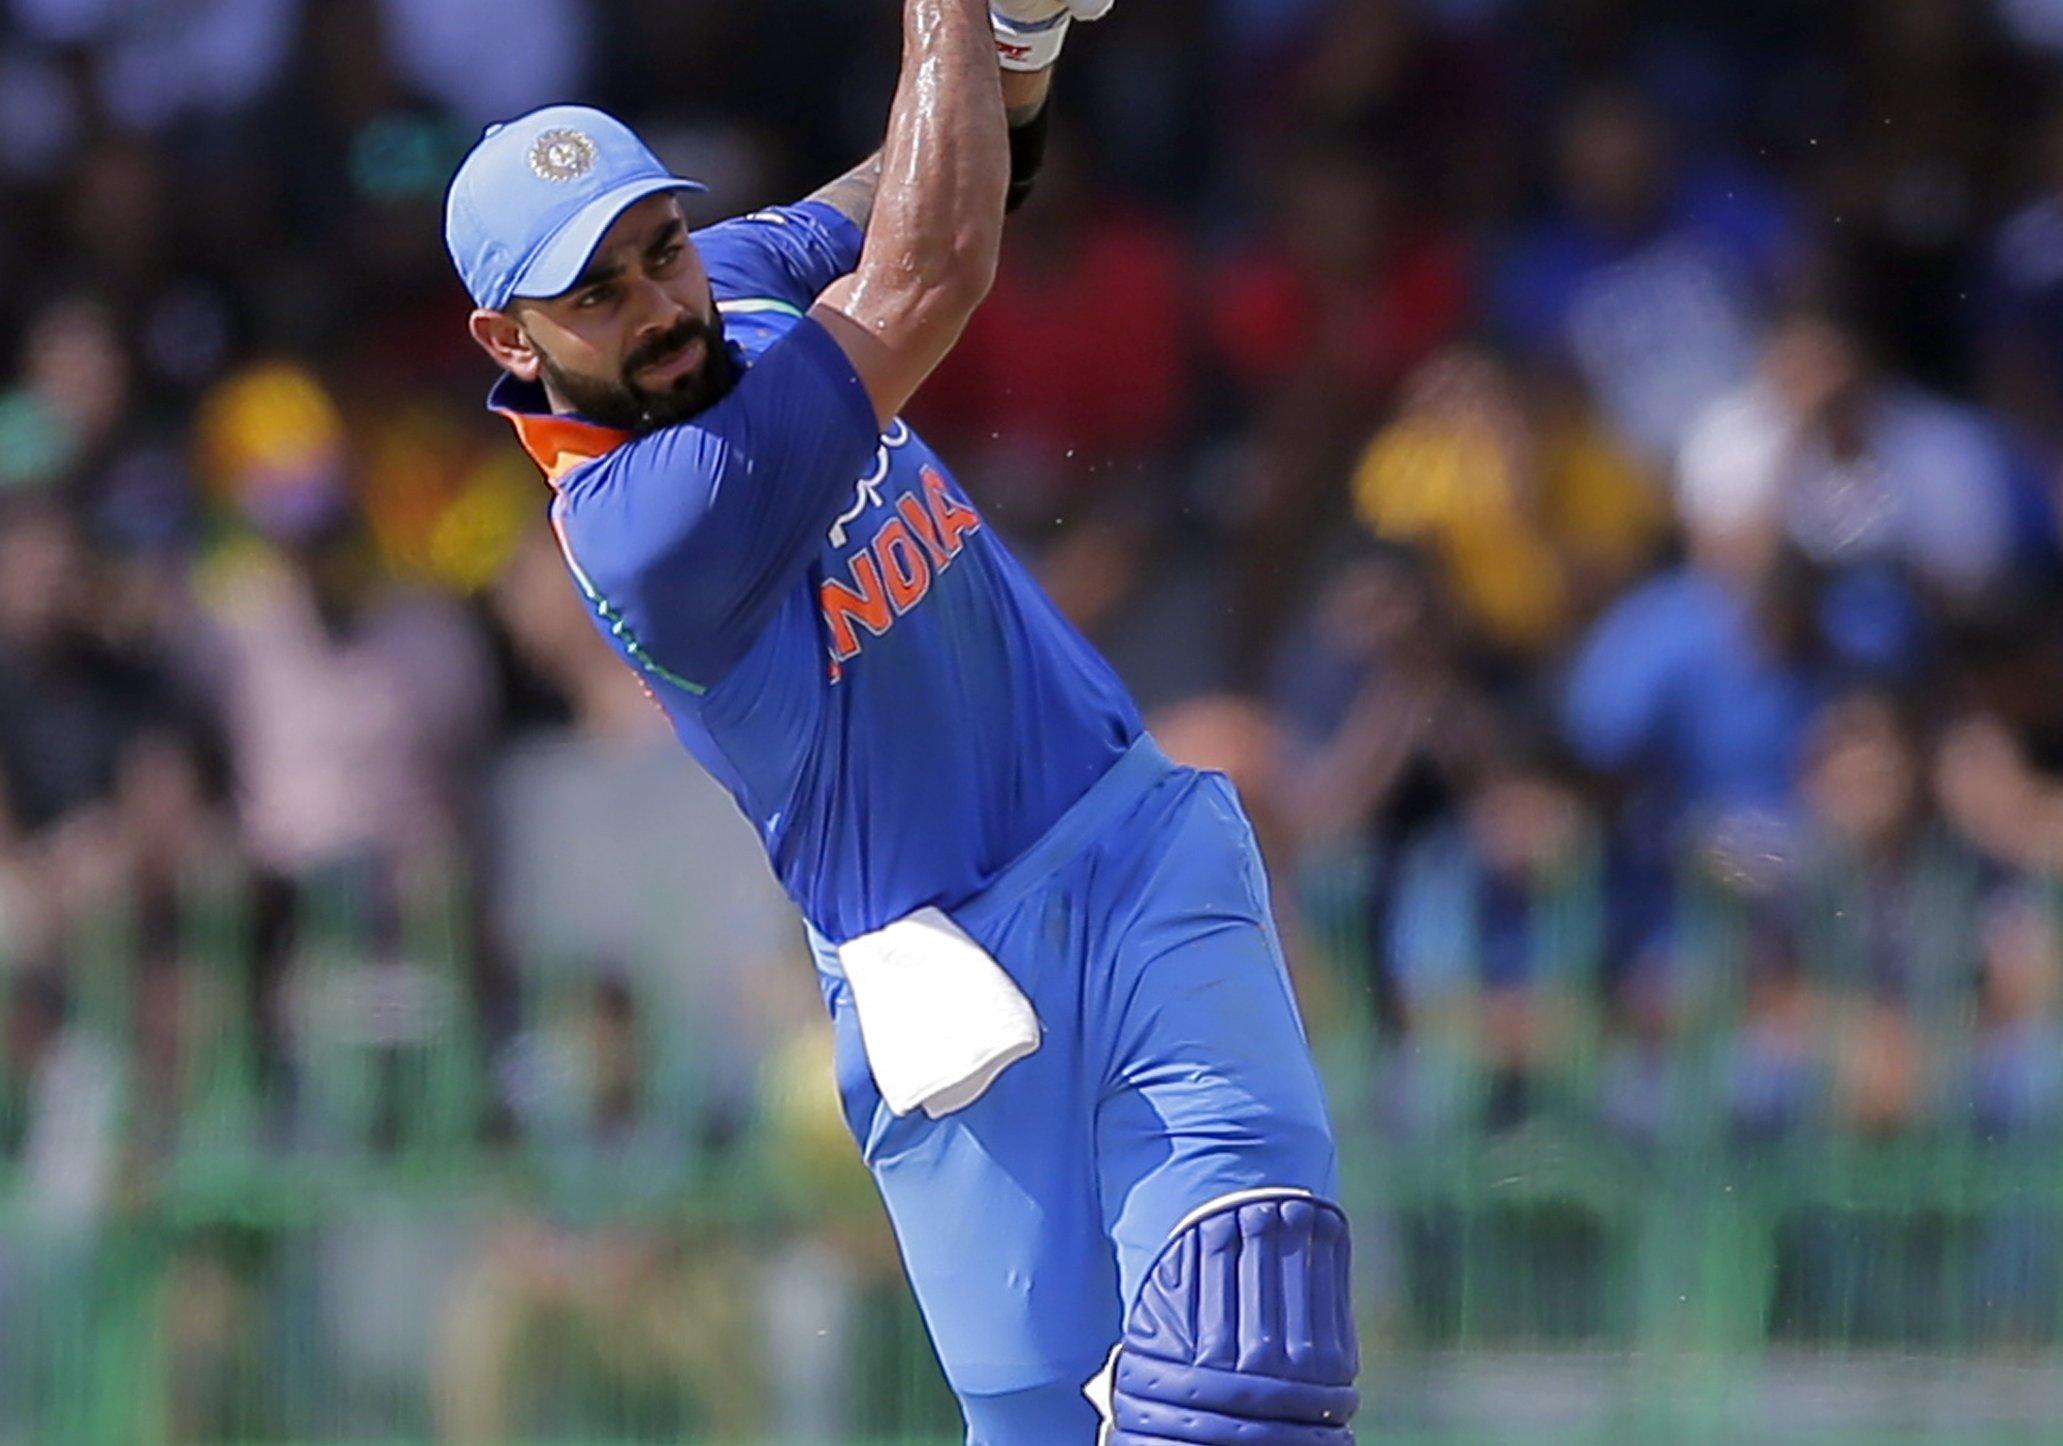 सचिन और रिकी पोंटिंग का रिकॉर्ड तोड़ने पर बीसीसीआई ने दिया भारतीय कप्तान विराट कोहली को ये नया नाम